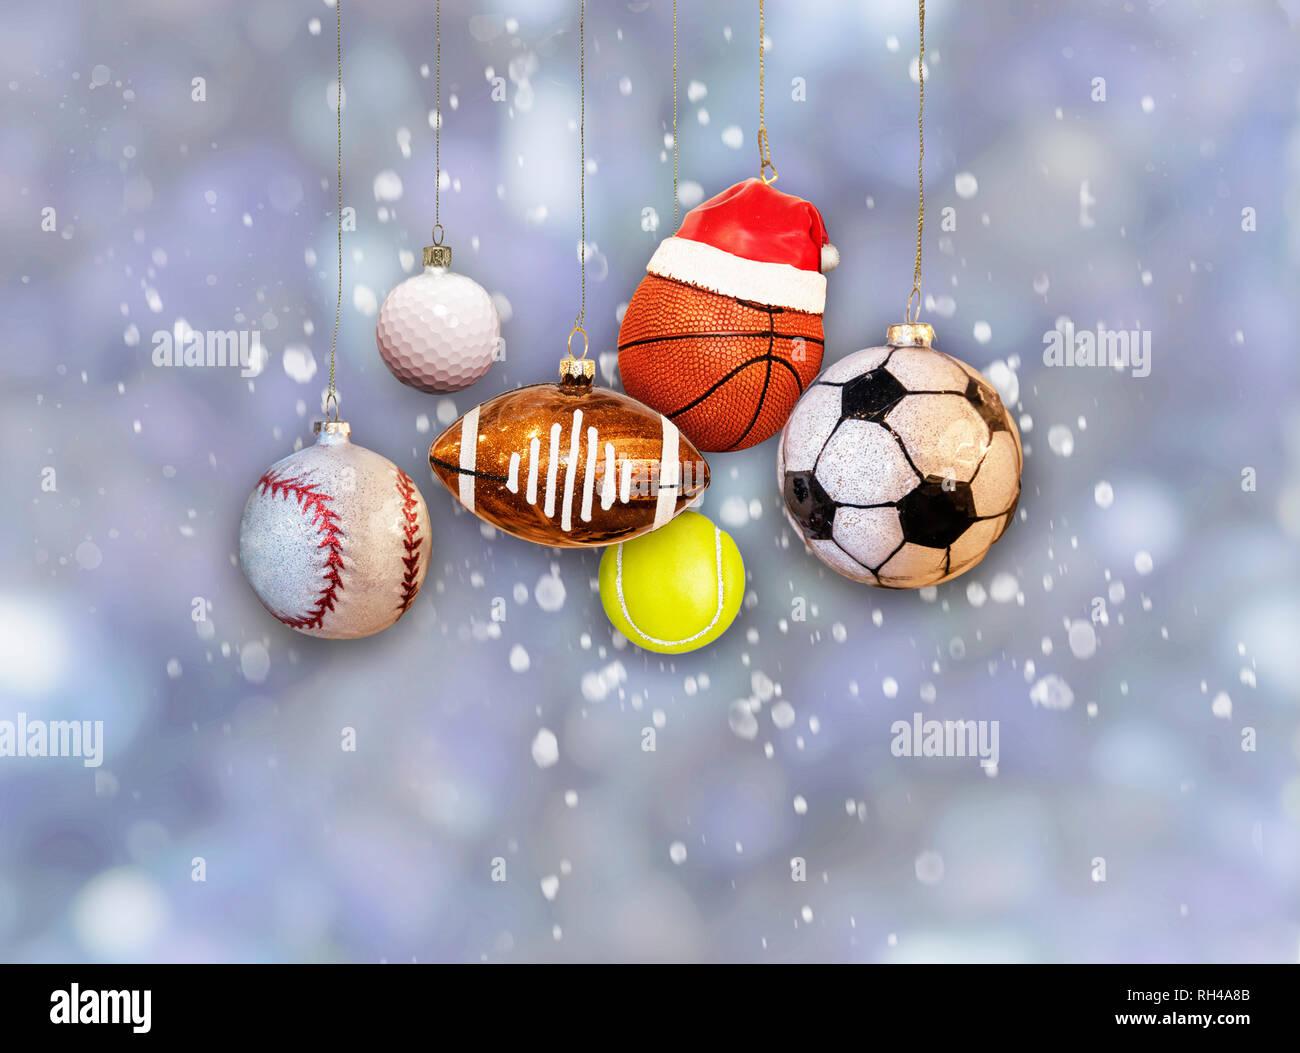 Weihnachten Sport Ornamente Baseball Football Basketball